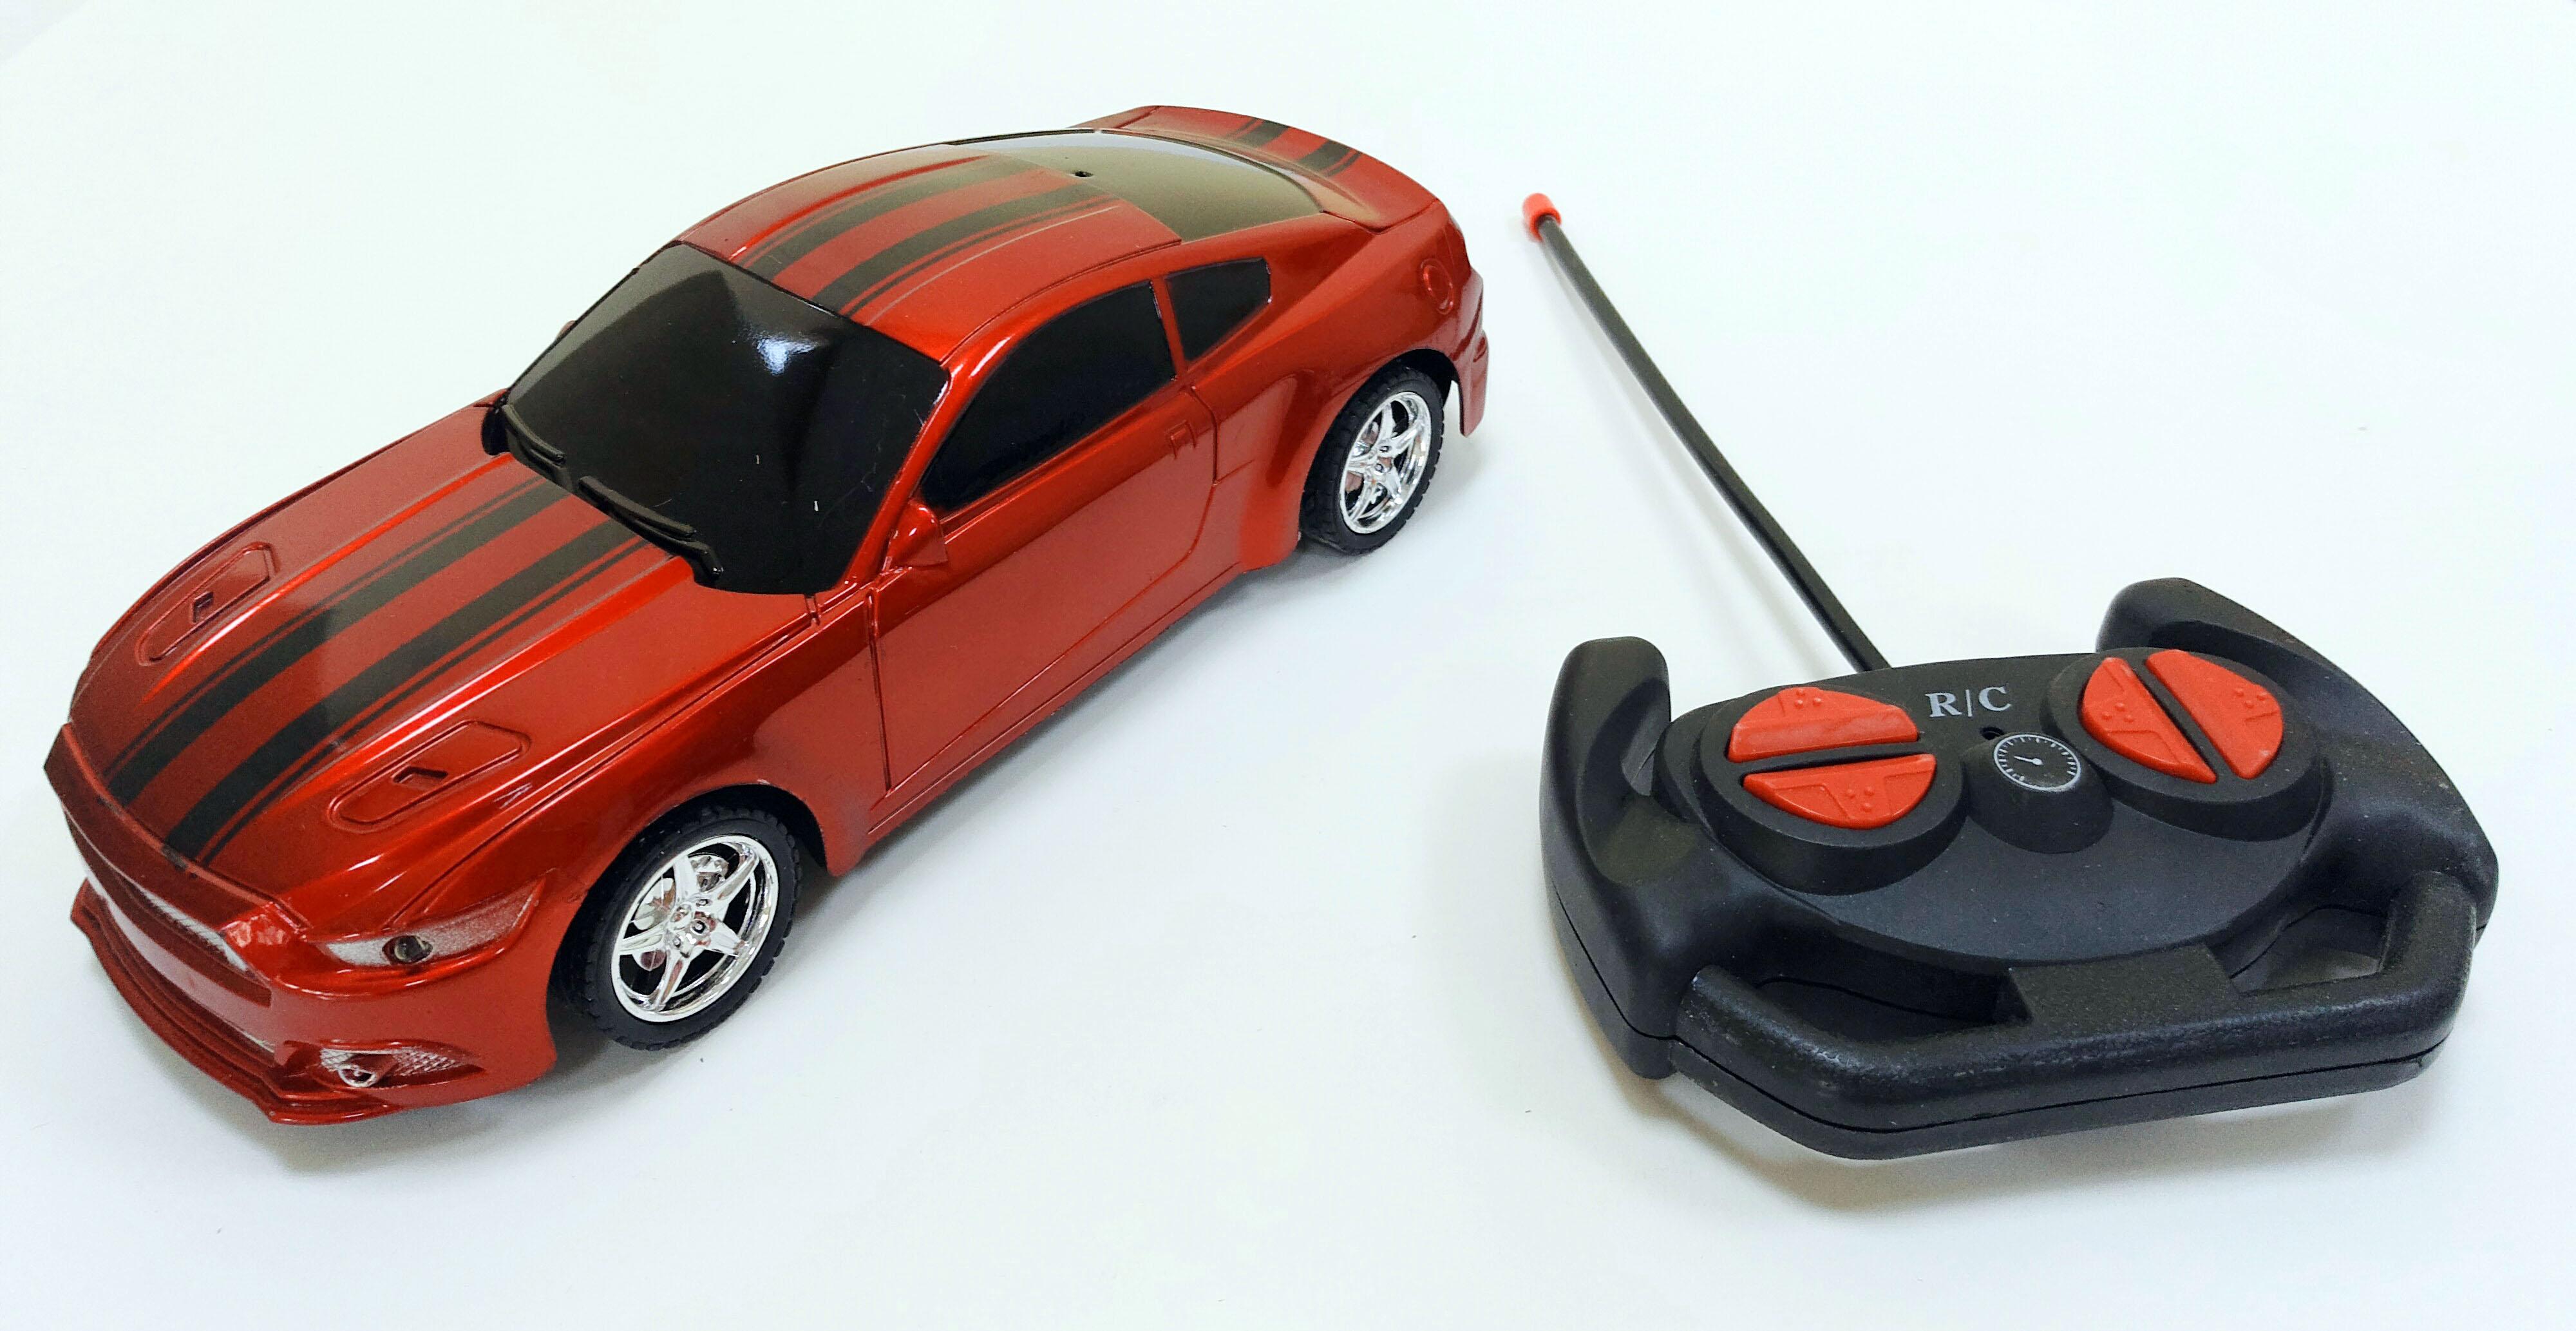 Радиоуправляемая машина, Спорткар, 1шт., База игрушек Спорткар, Китай, red  - купить со скидкой